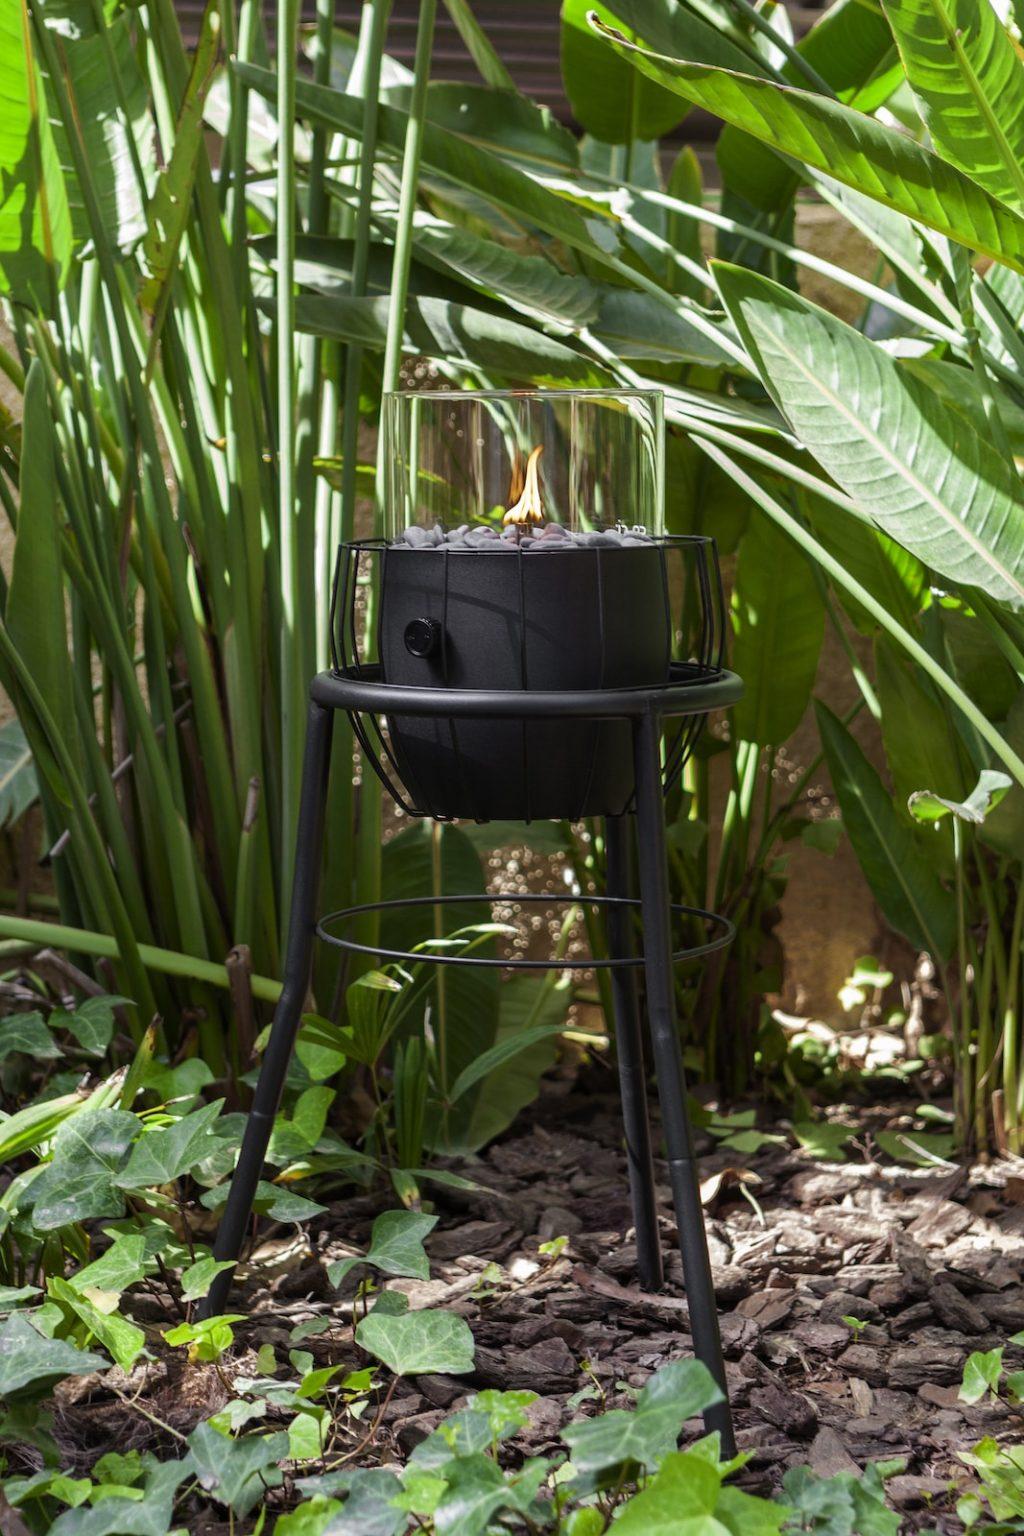 BUTSIR-farolillos-a-gas-Basket high_MG_8721_uatxut_fosca